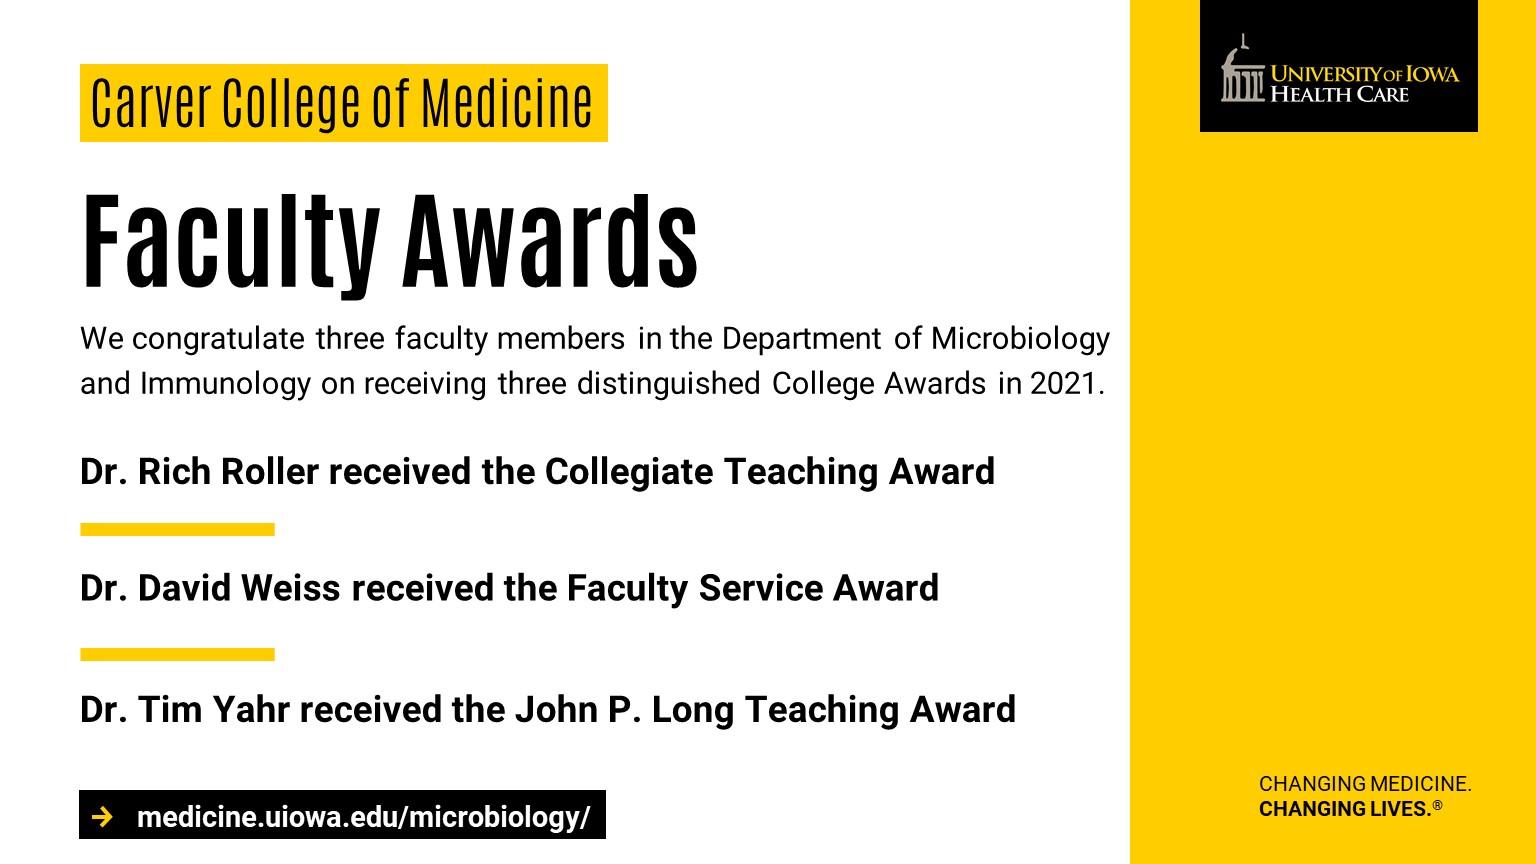 CCOM Faculty Awards 2021